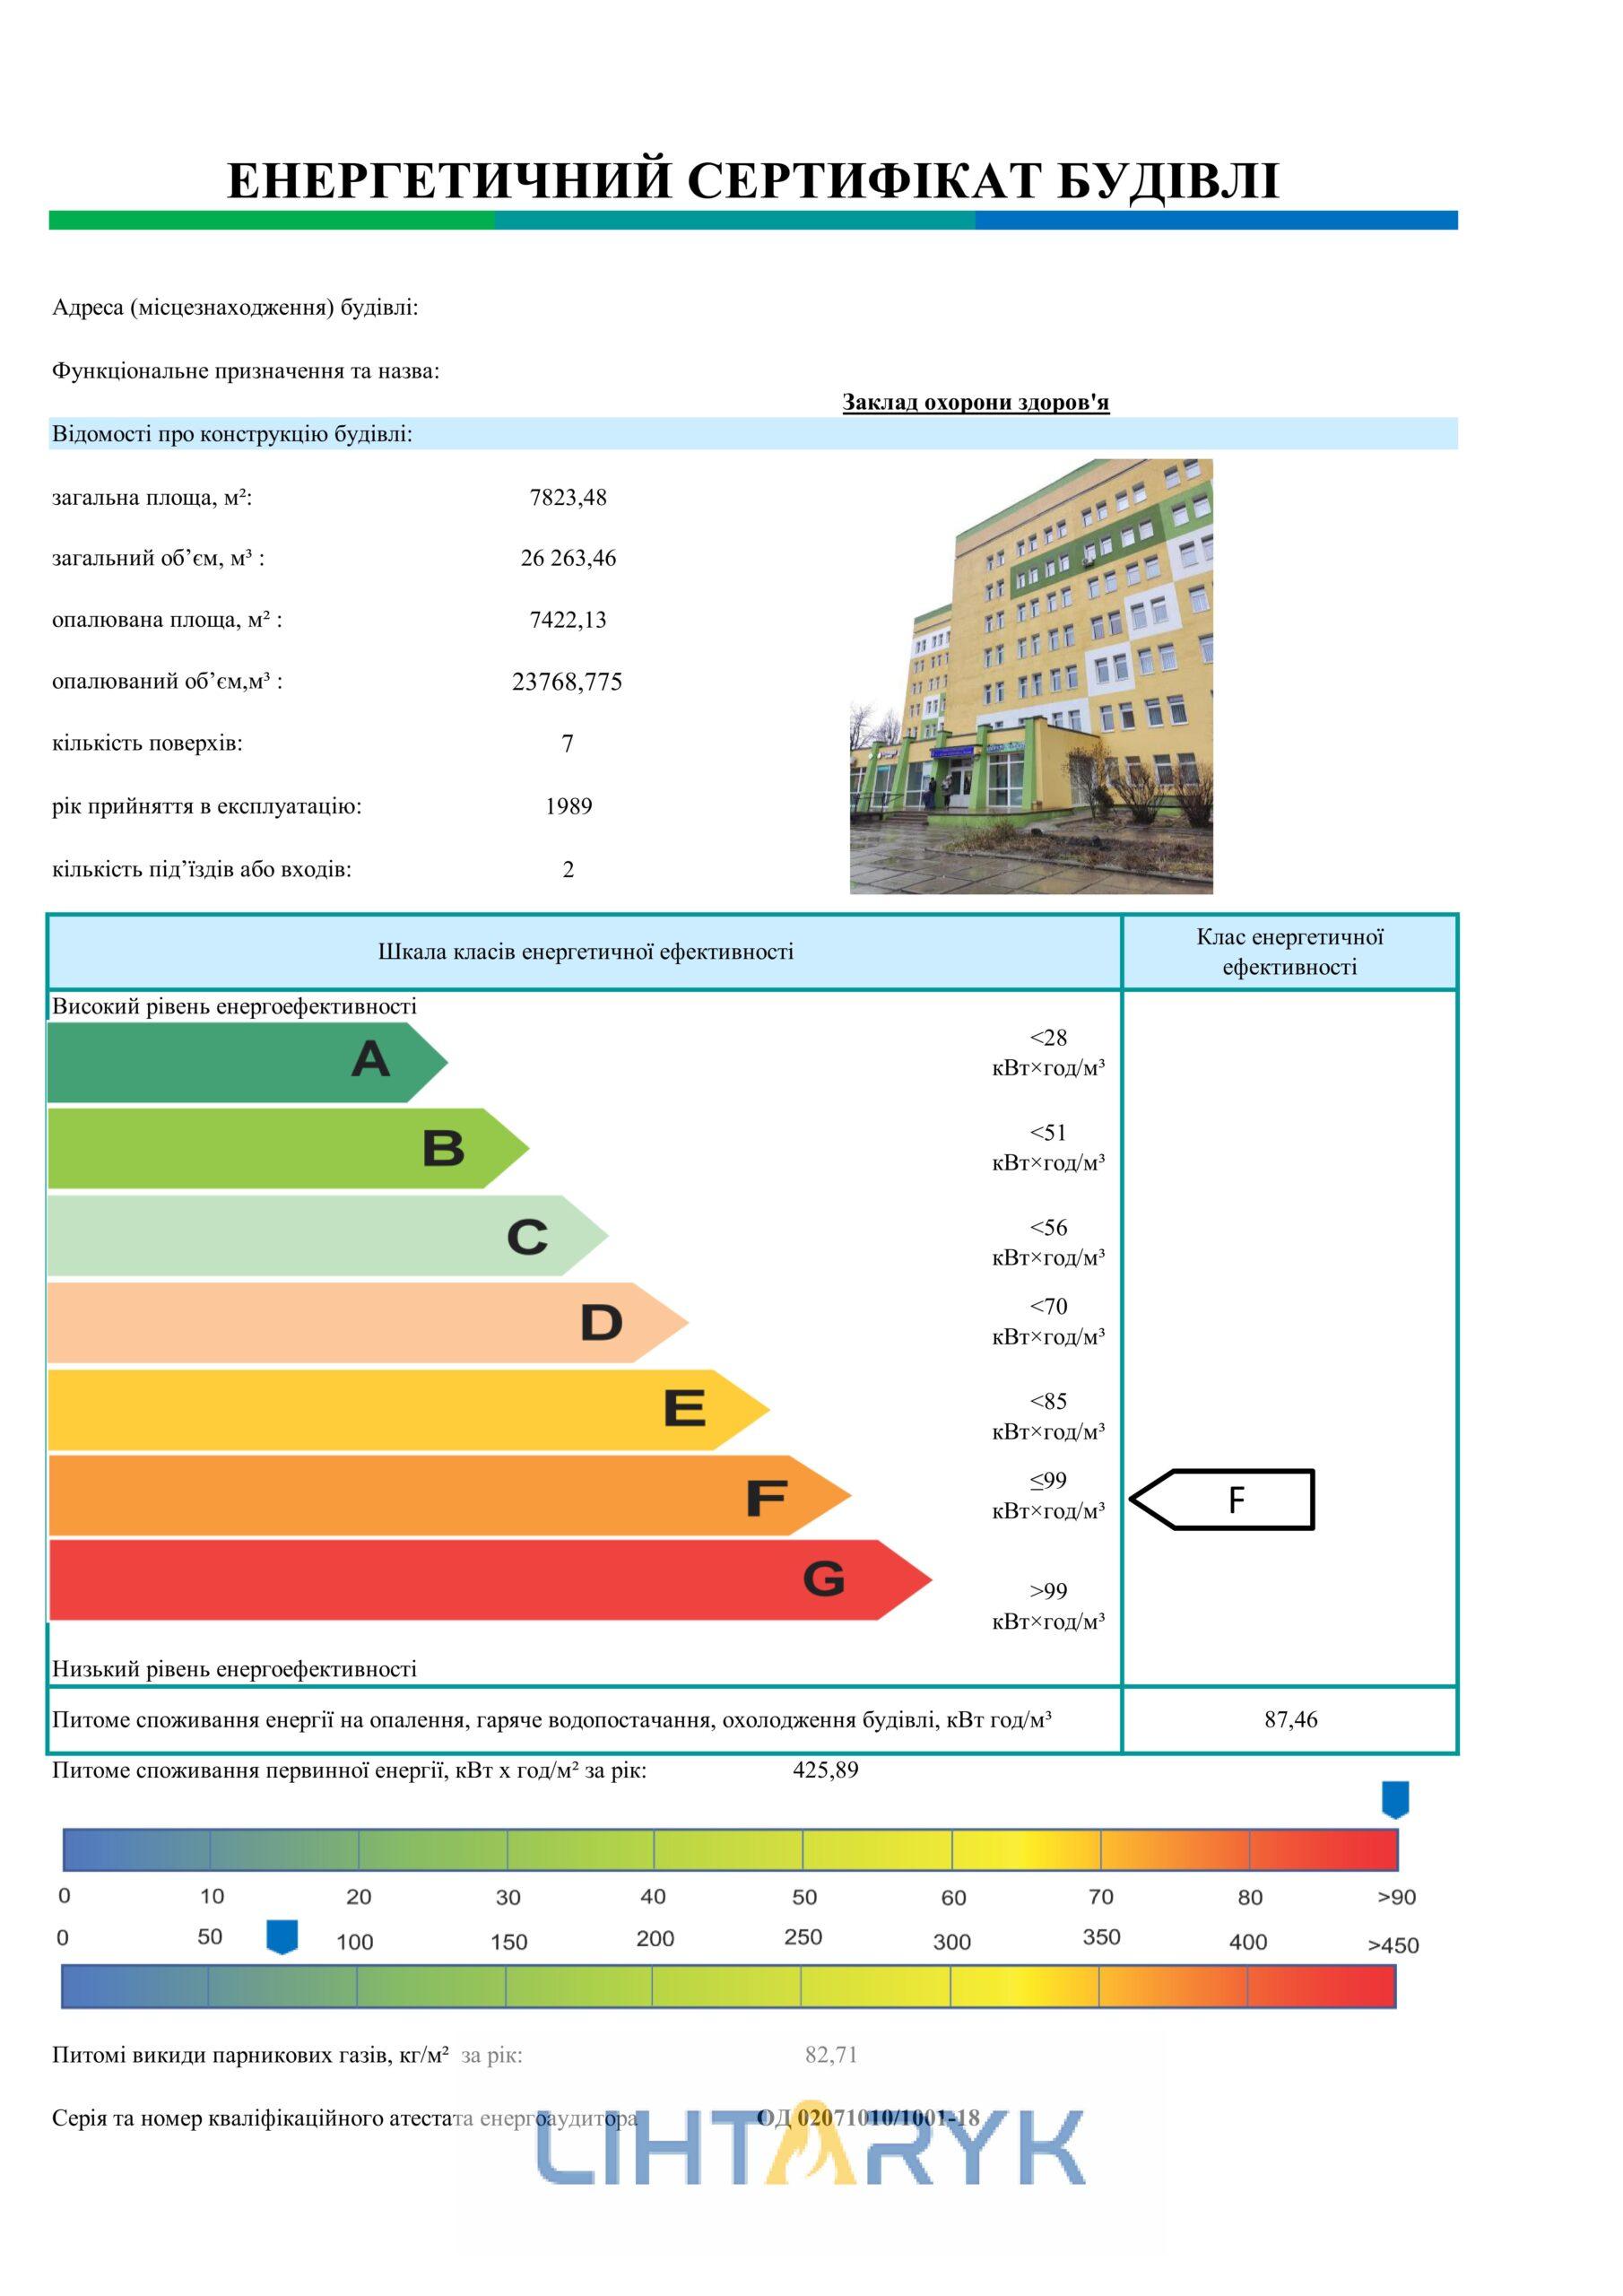 Енергетичний сертифікат лікарні зразок